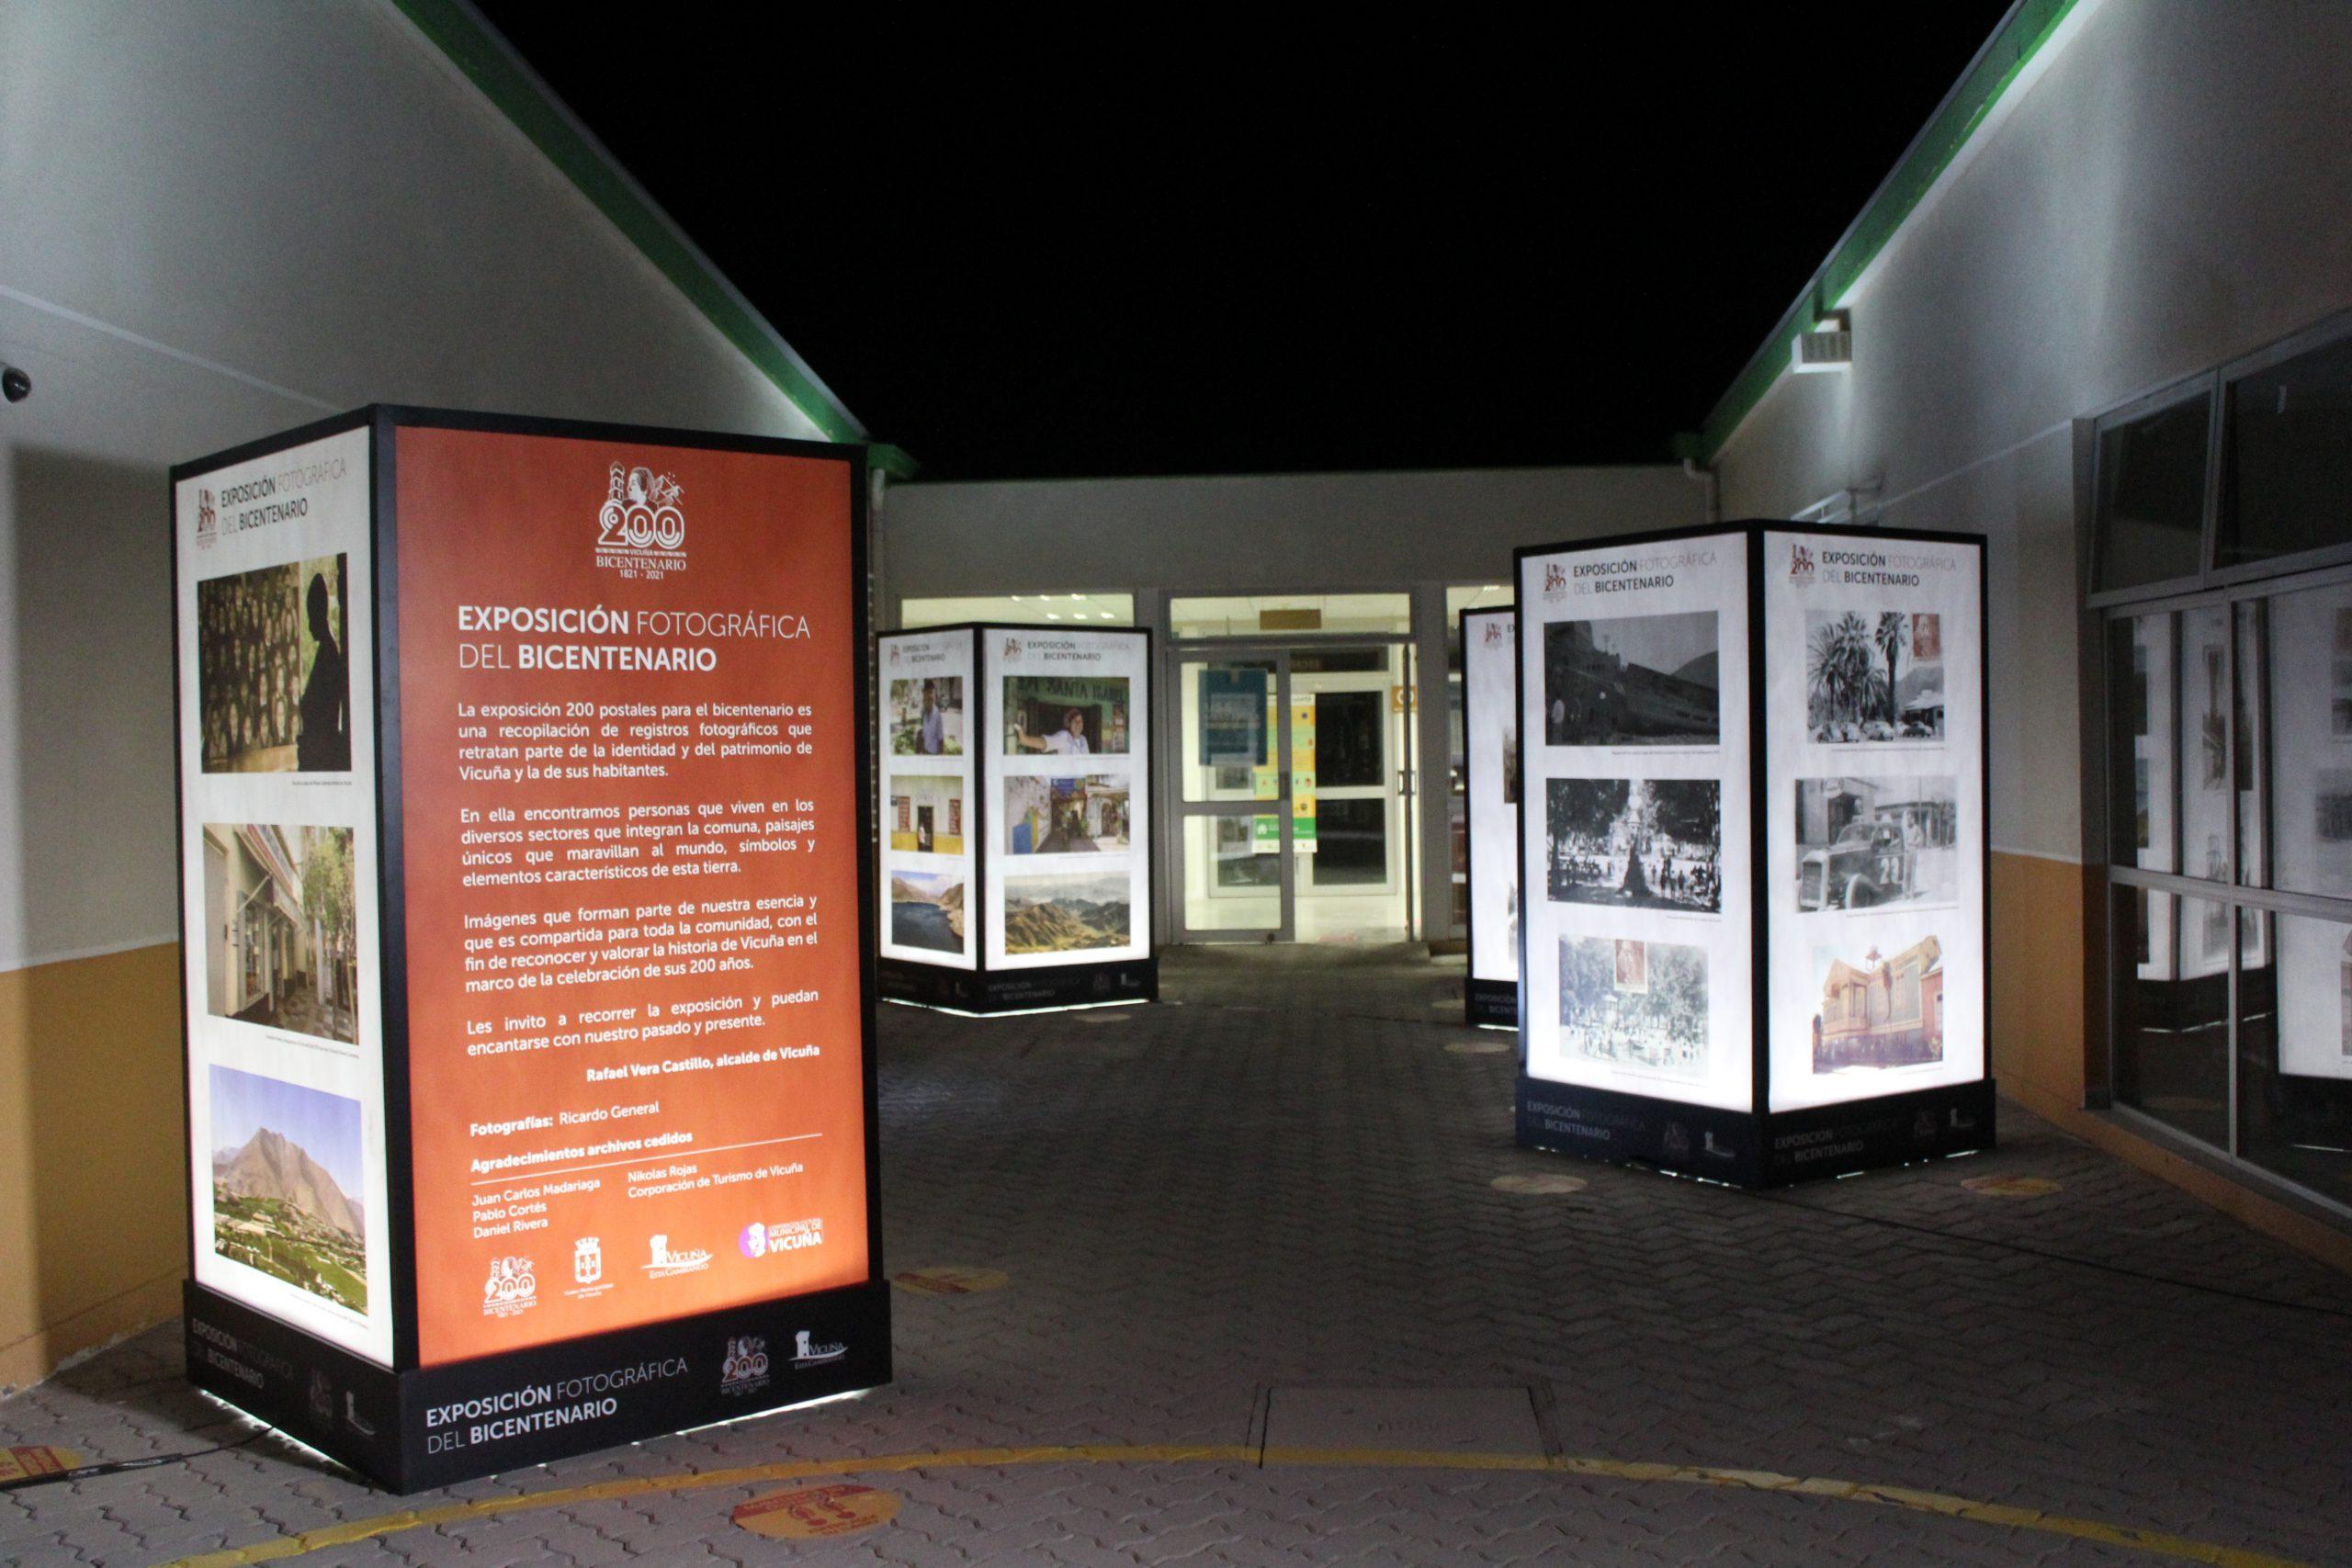 Exposición fotográfica del Bicentenario estará dispuesta con parte de su muestra en el CESFAM San Isidro-Calingasta